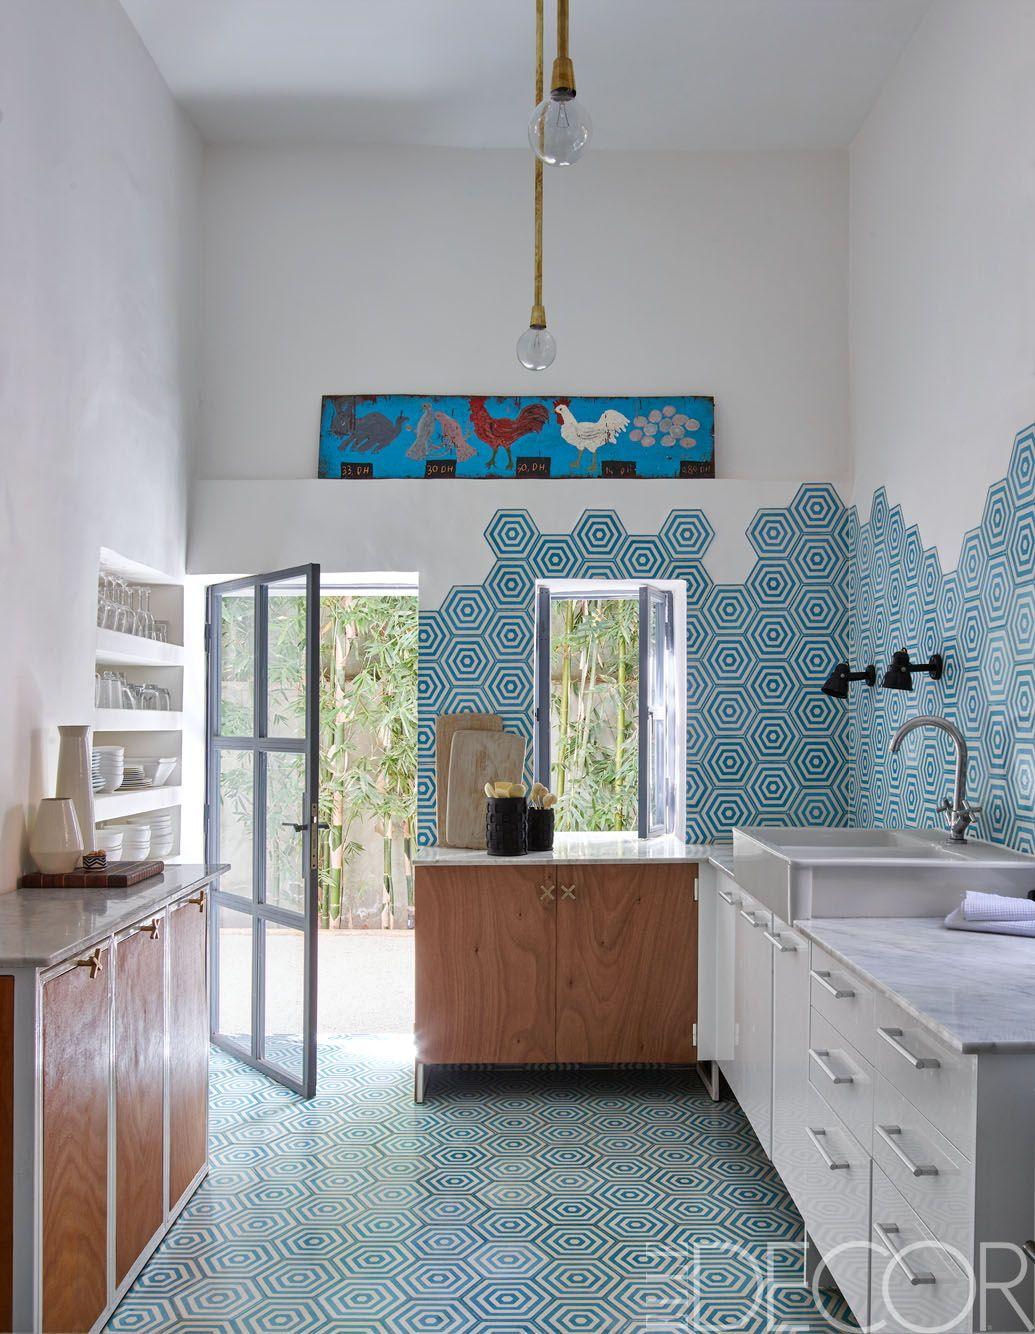 house interior tiles design. House Interior Tiles Design